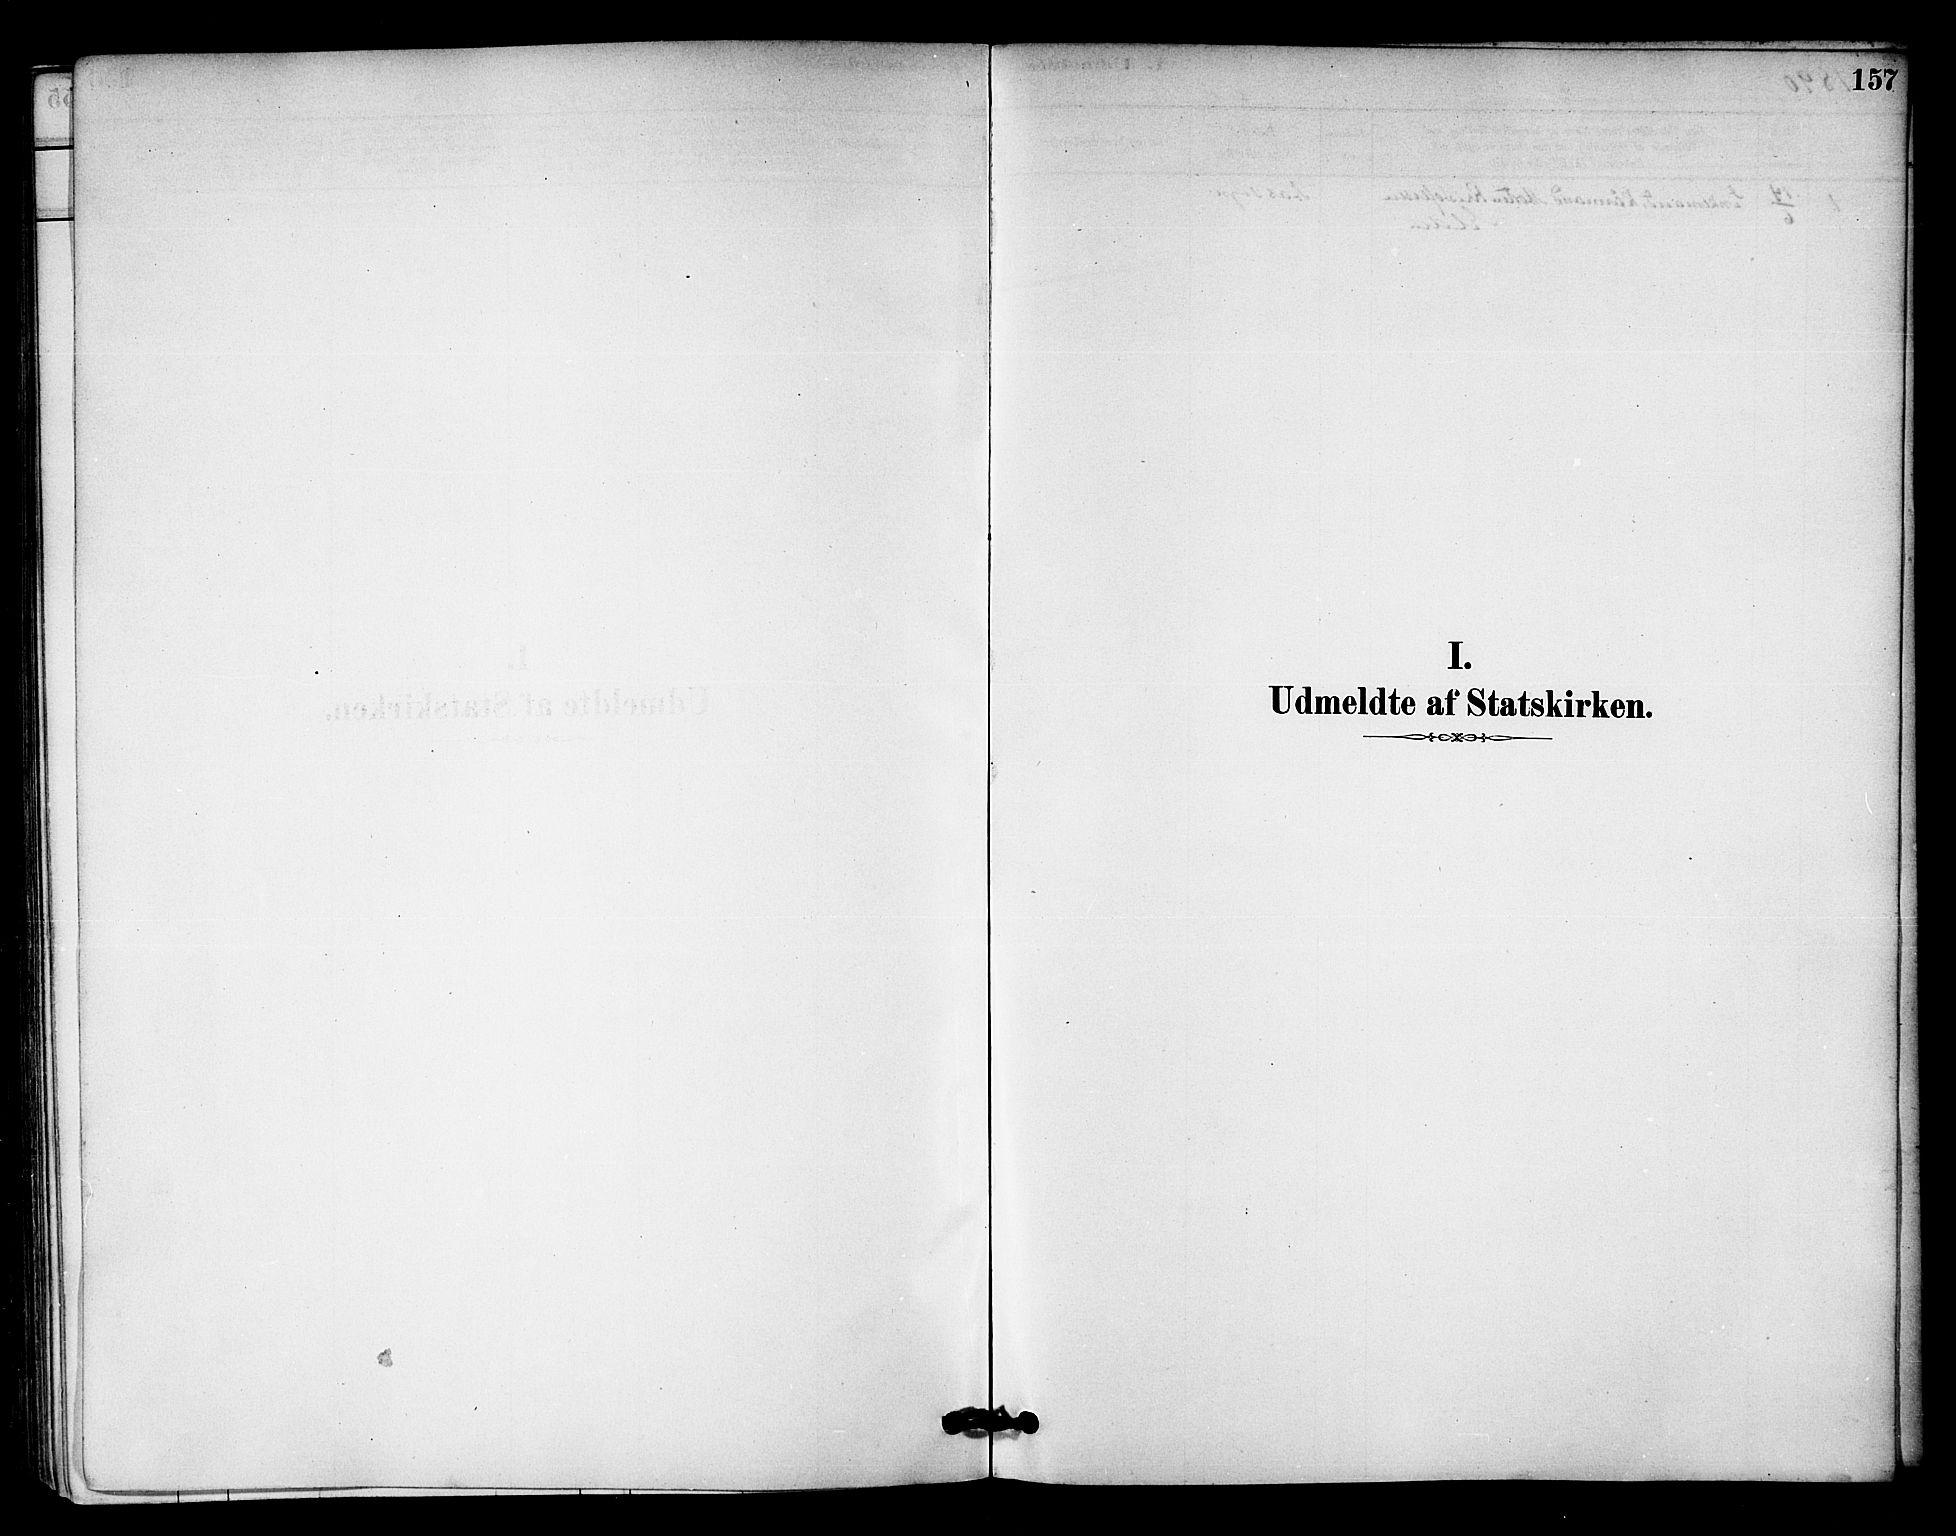 SAT, Ministerialprotokoller, klokkerbøker og fødselsregistre - Nord-Trøndelag, 742/L0408: Ministerialbok nr. 742A01, 1878-1890, s. 157